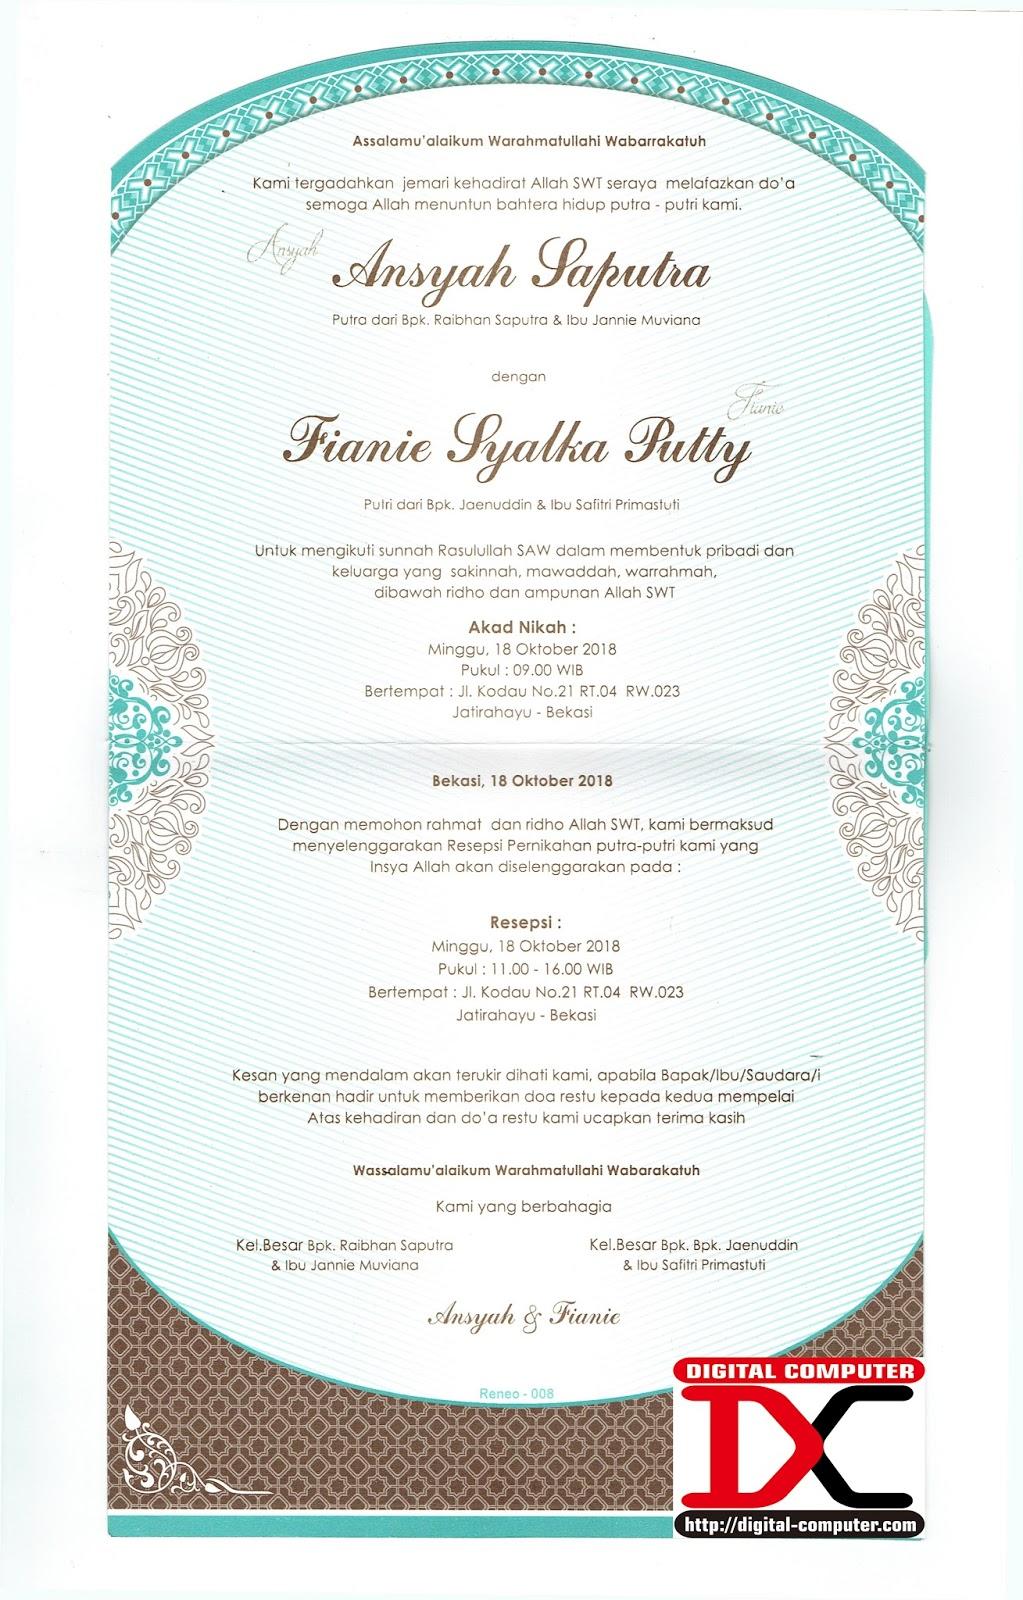 undangan pernikahan harga rupiah